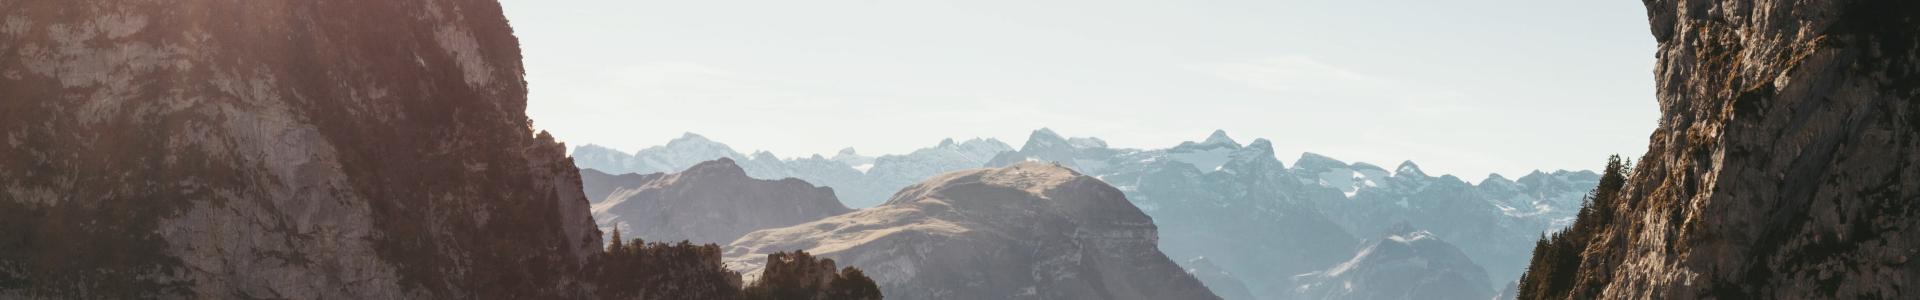 «Ресурсы личности» – тренинг-интенсив в горах